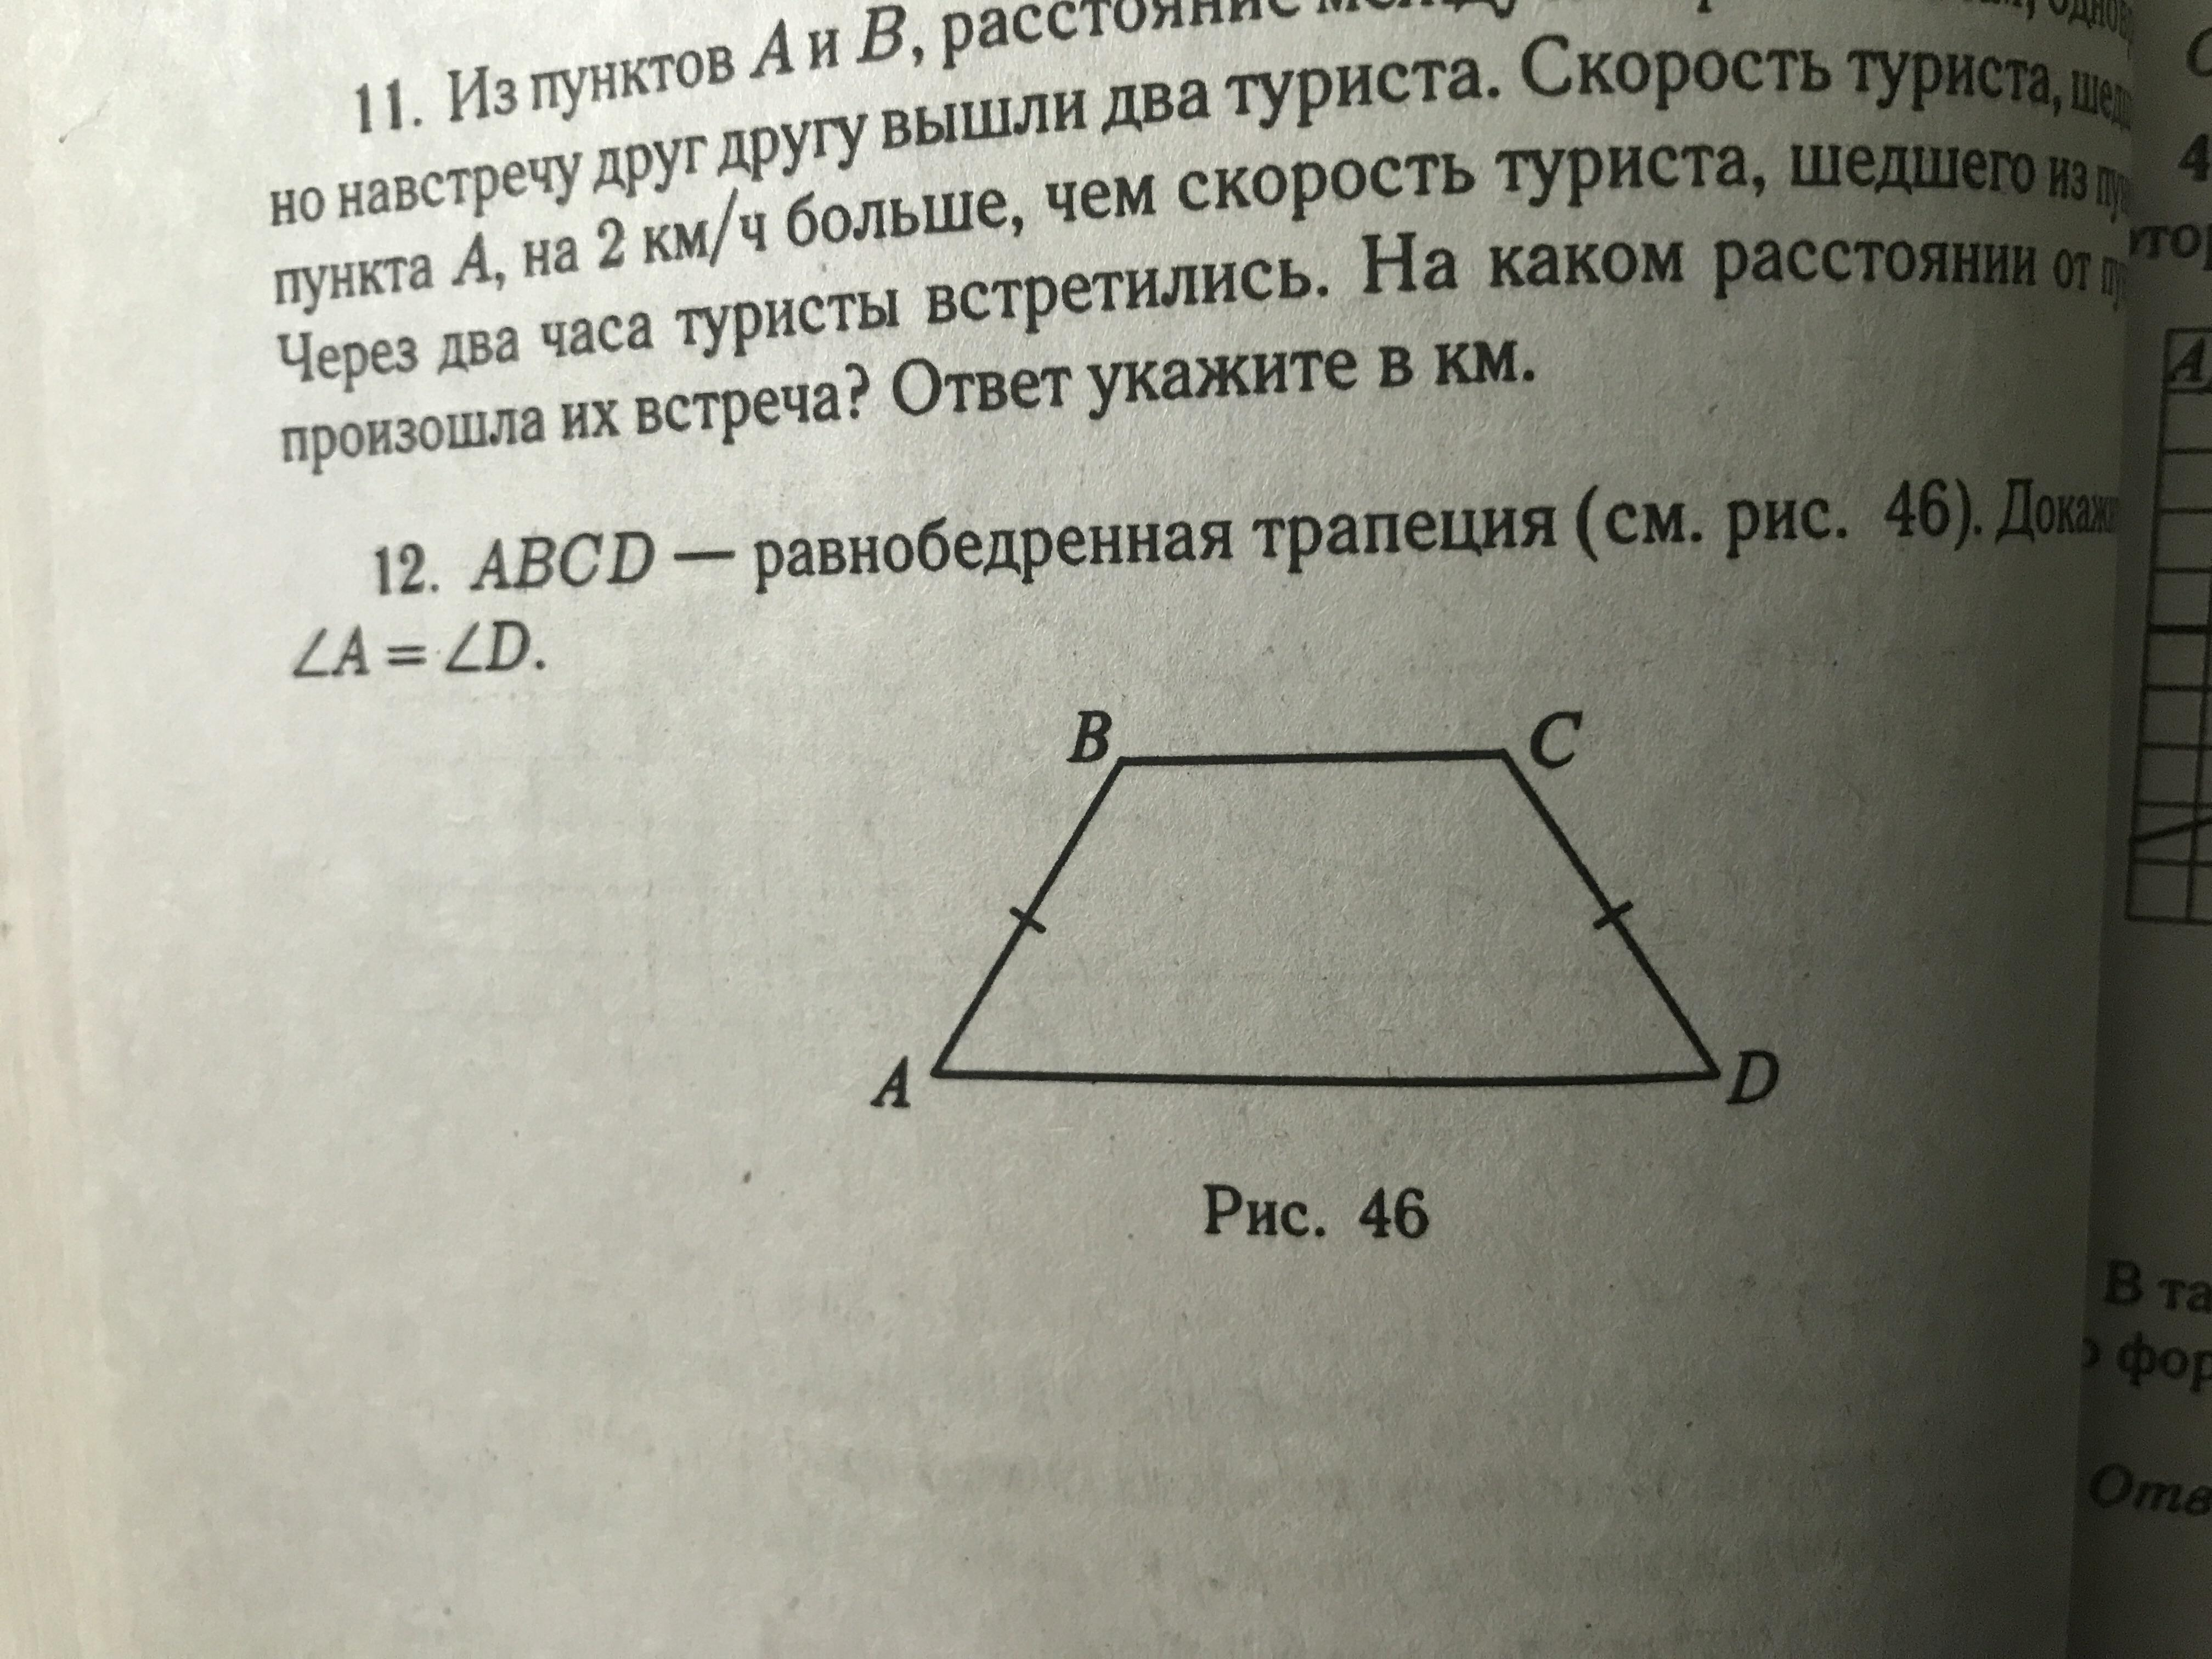 Помогите пожалуйста с 12 задачей